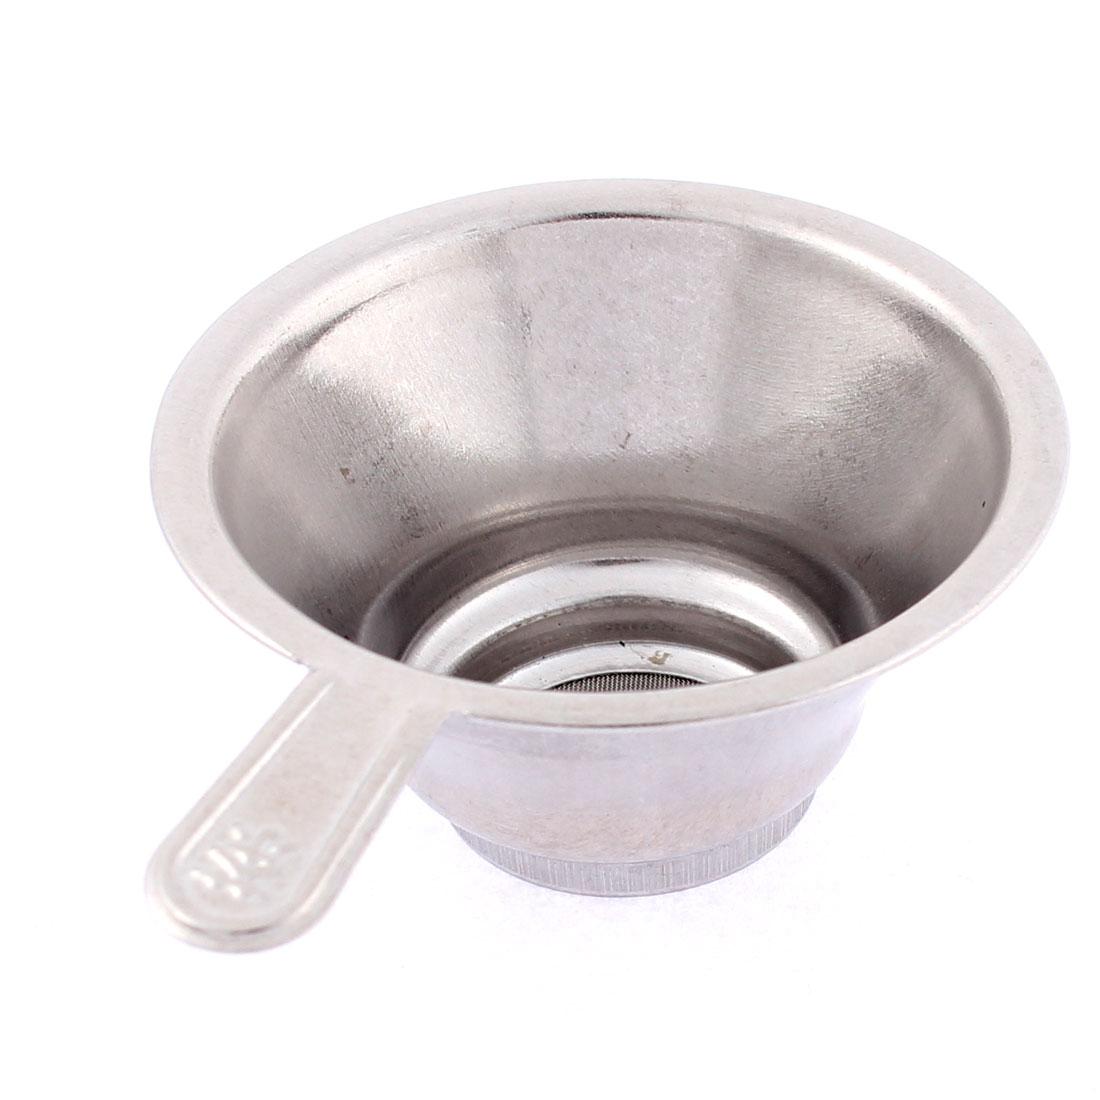 Household Stainless Steel Mesh Bottom Tea Bowl Strainer 67mm Dia